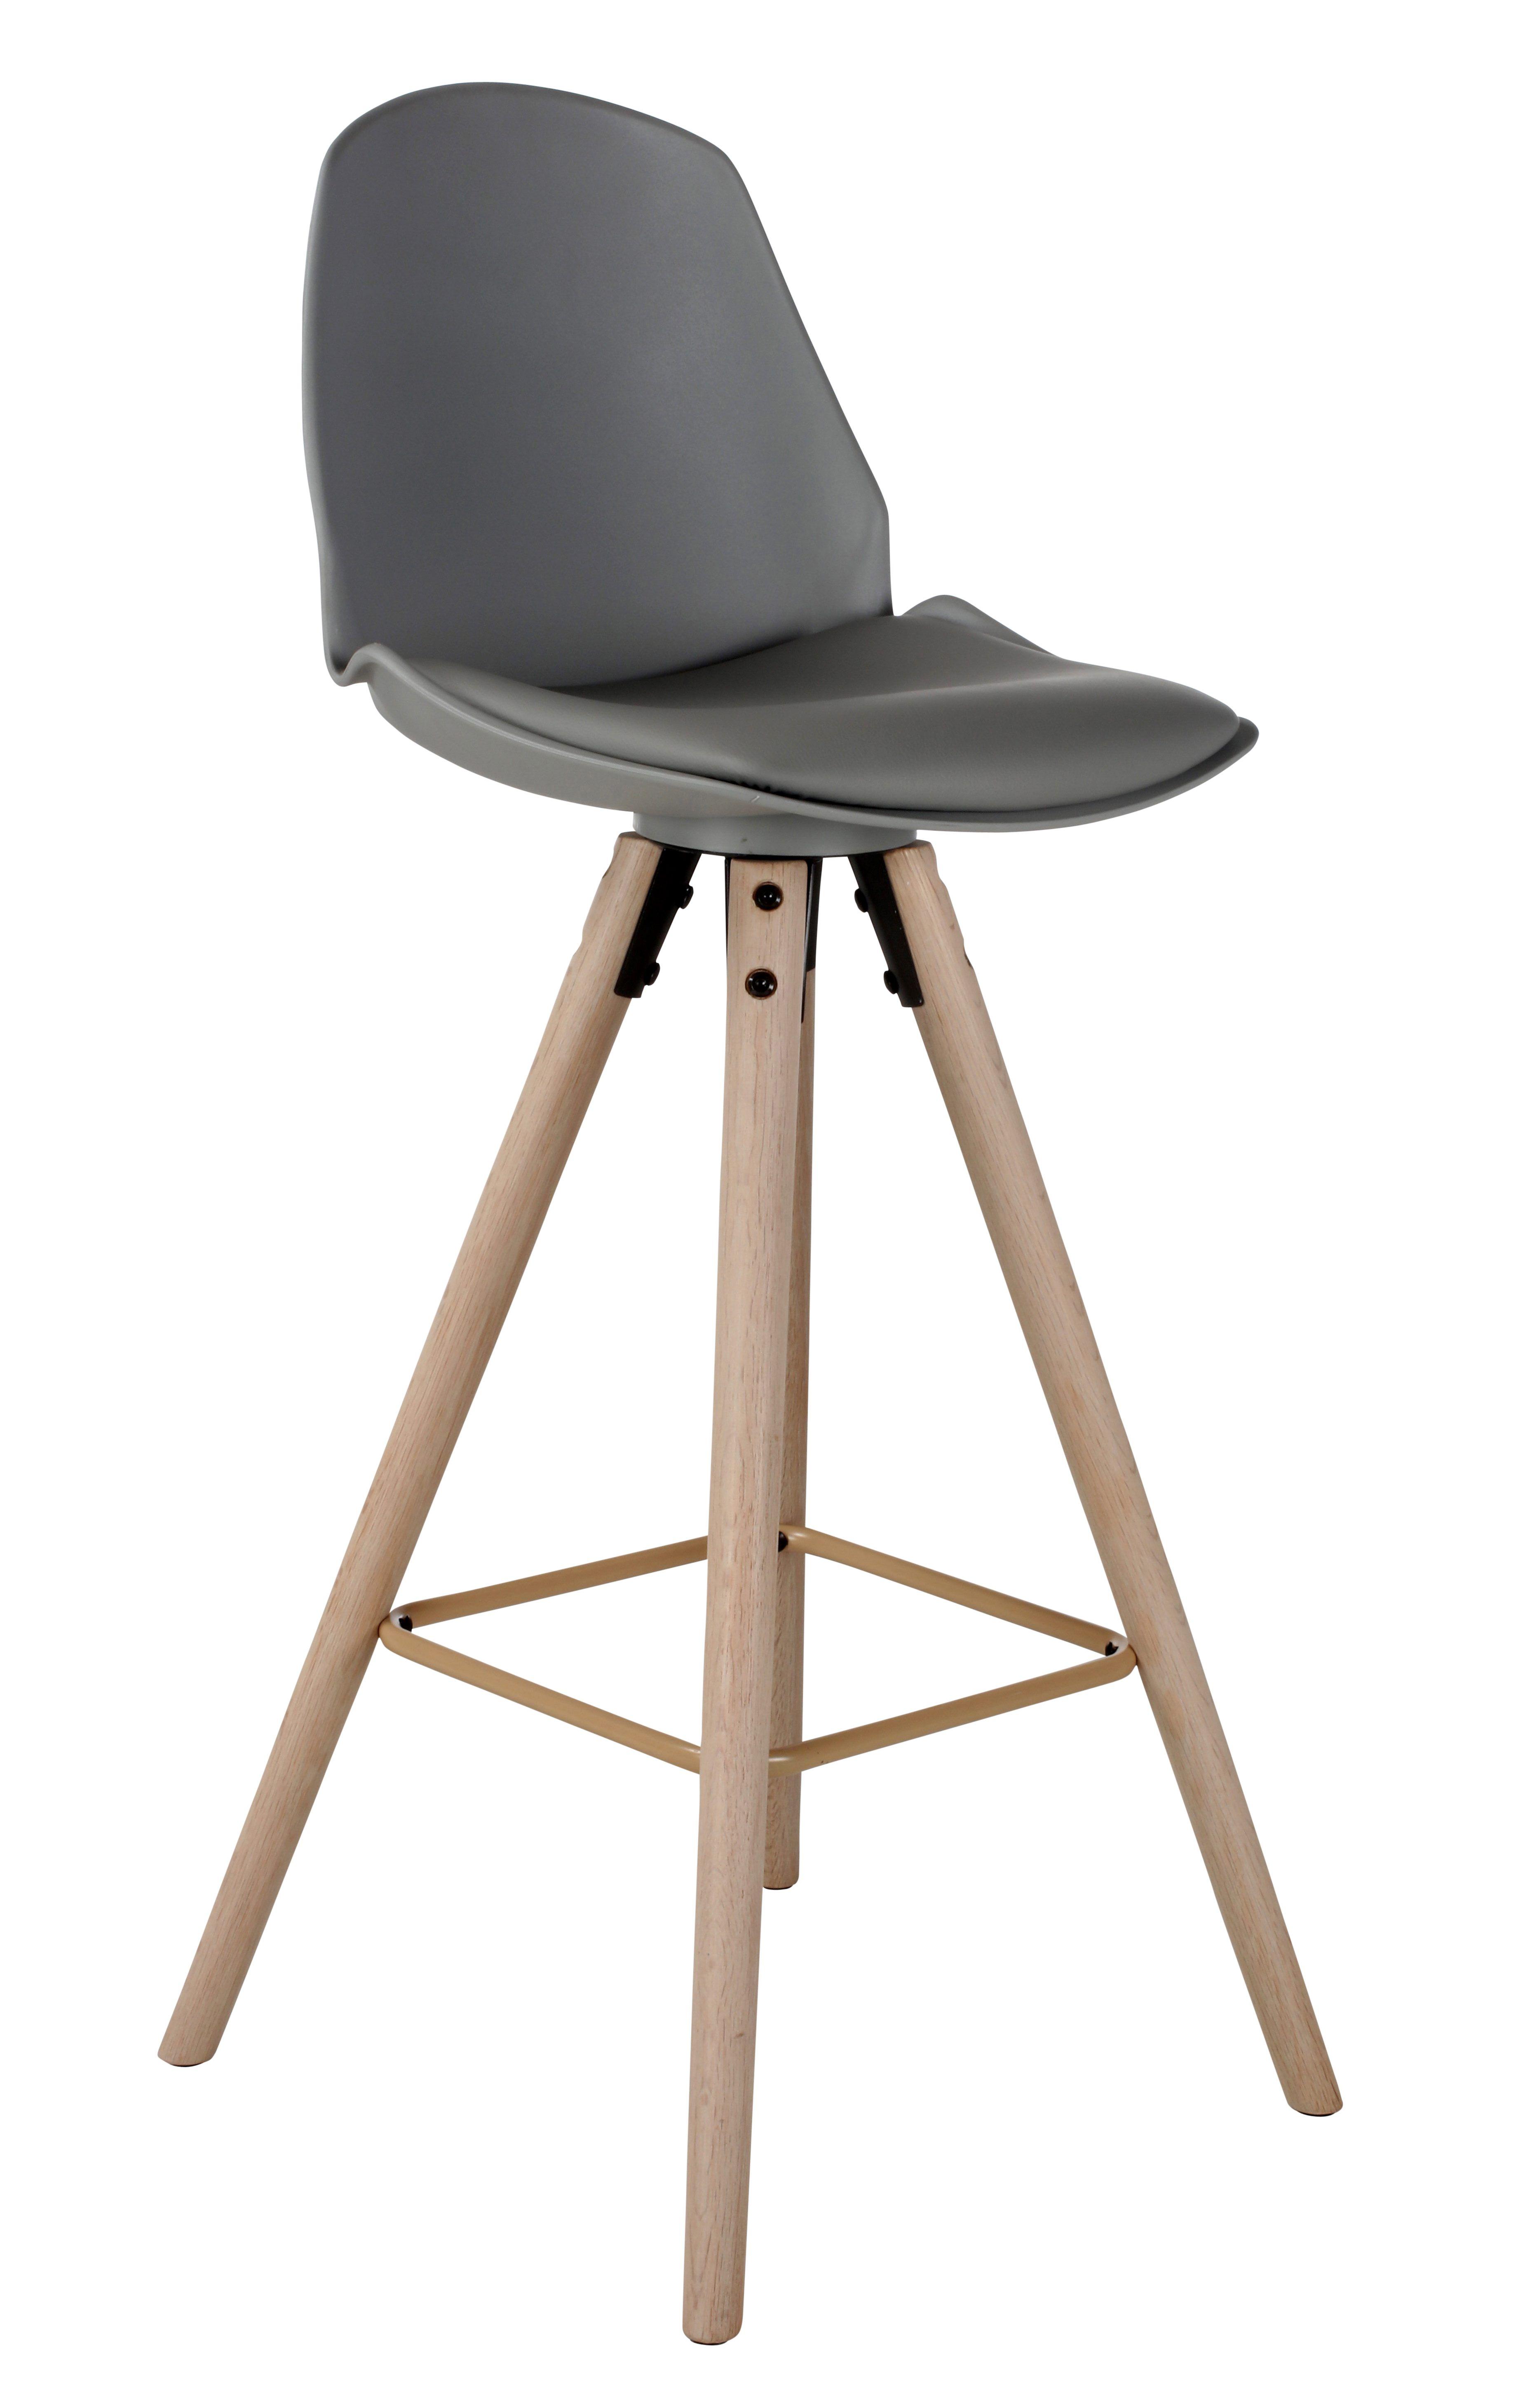 tabouret de bar h 77 cm oslo gris tabouret de bar tabouret chaise de bar scandinave